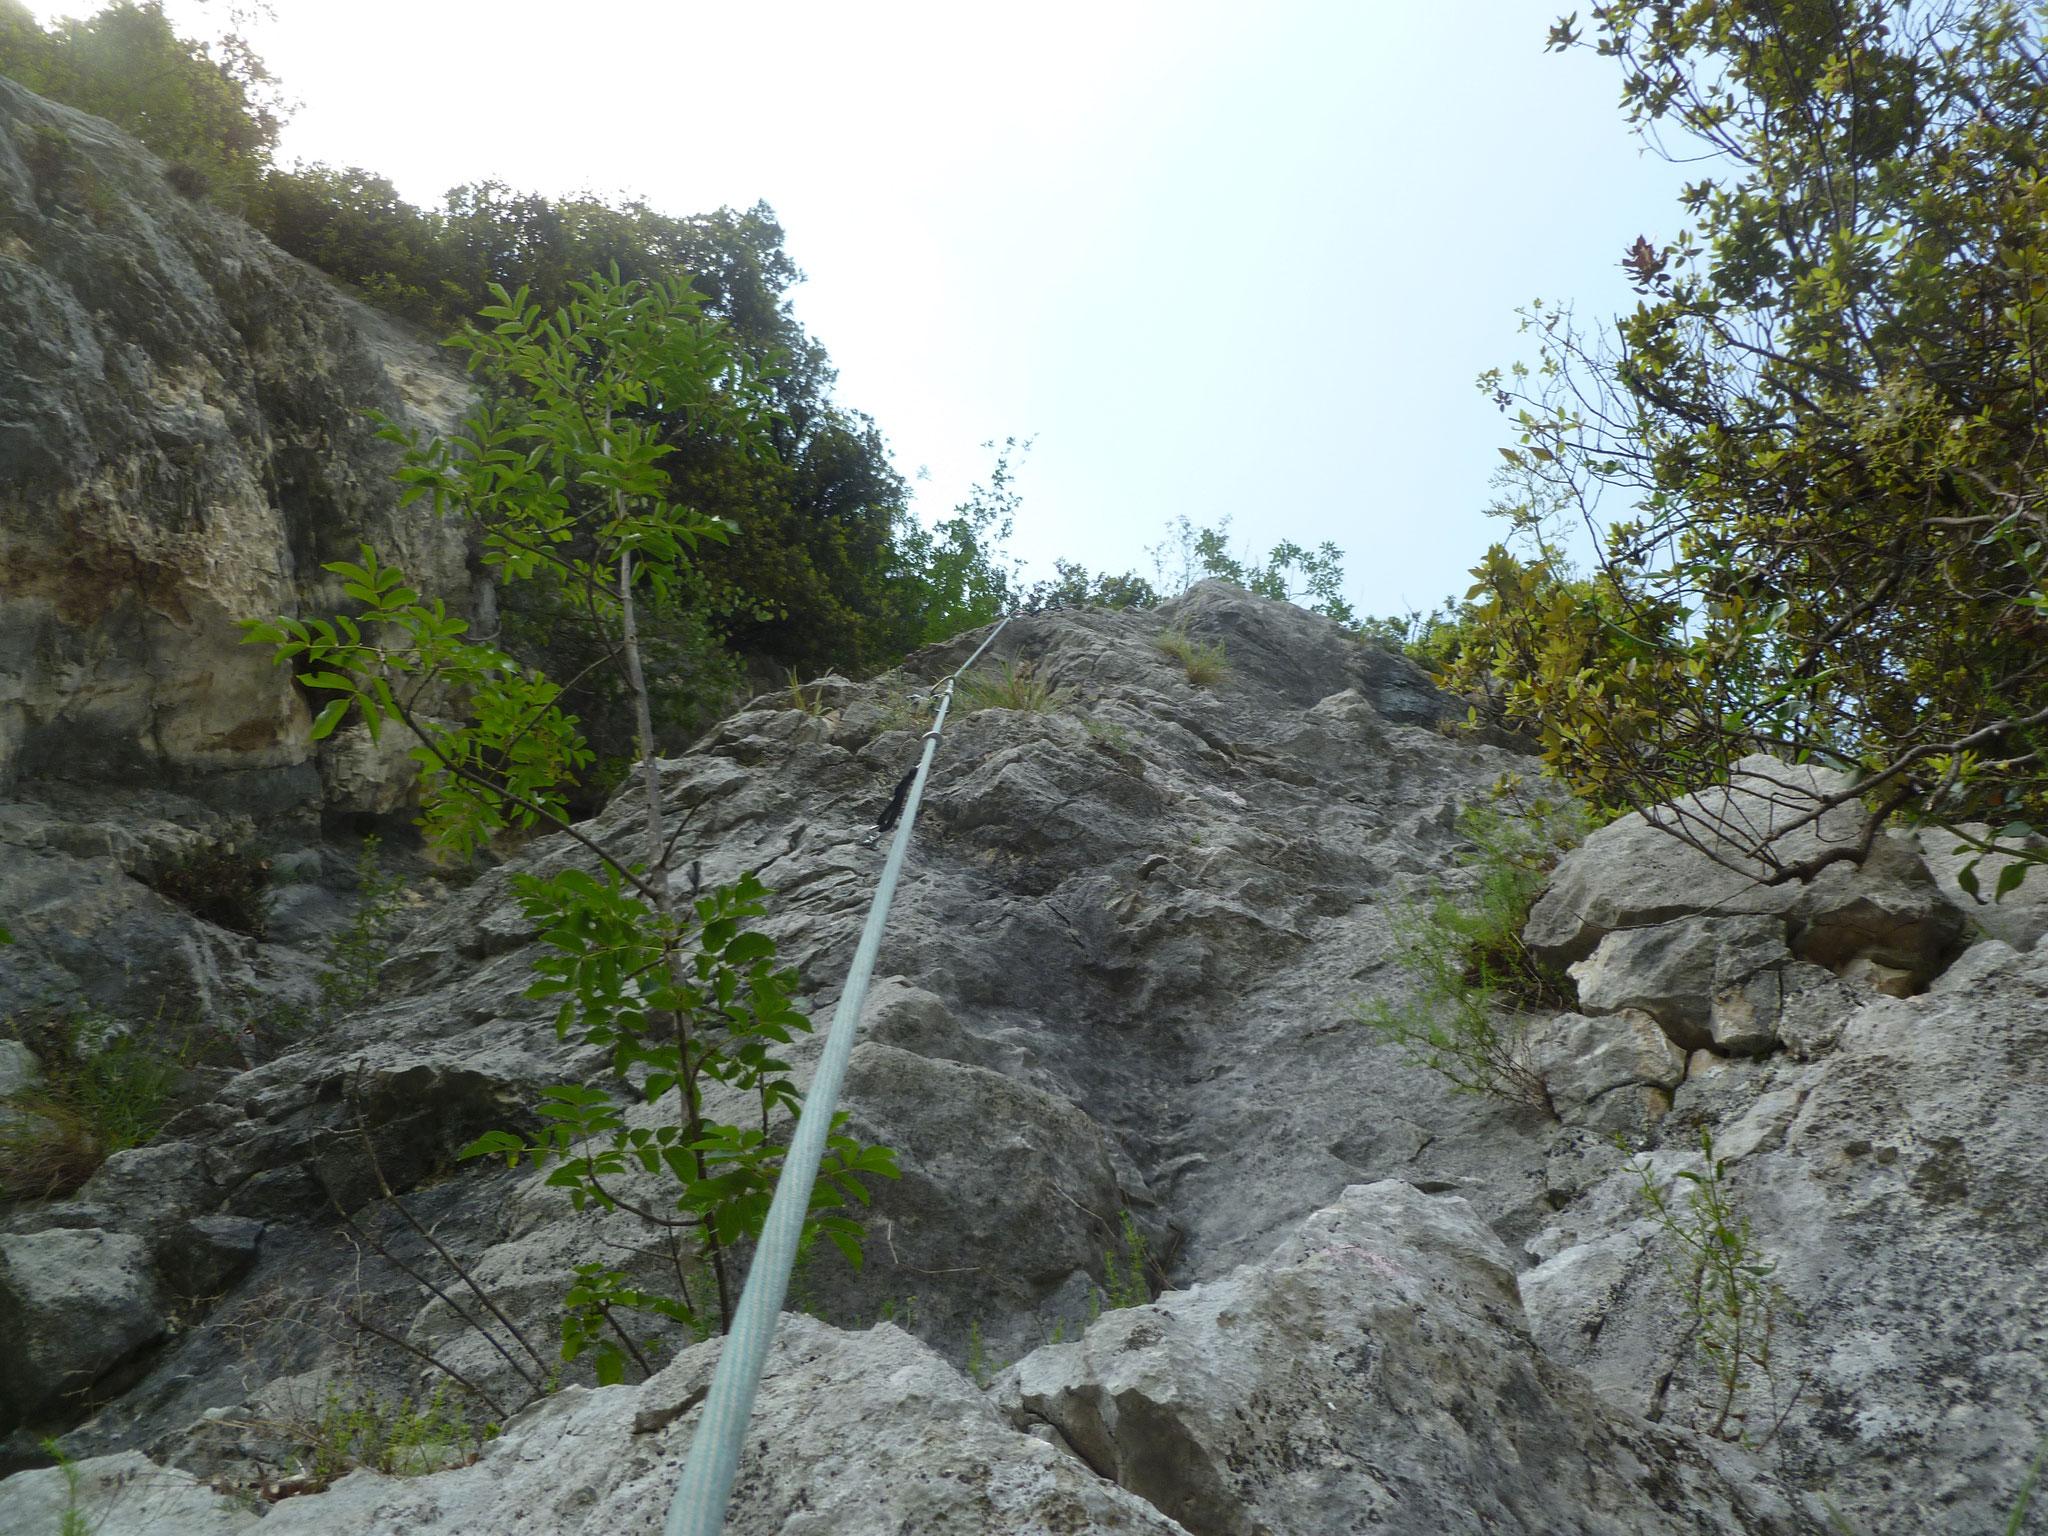 1. Teil der sechsten Länge: steiler, teils brüchiger Pfeil